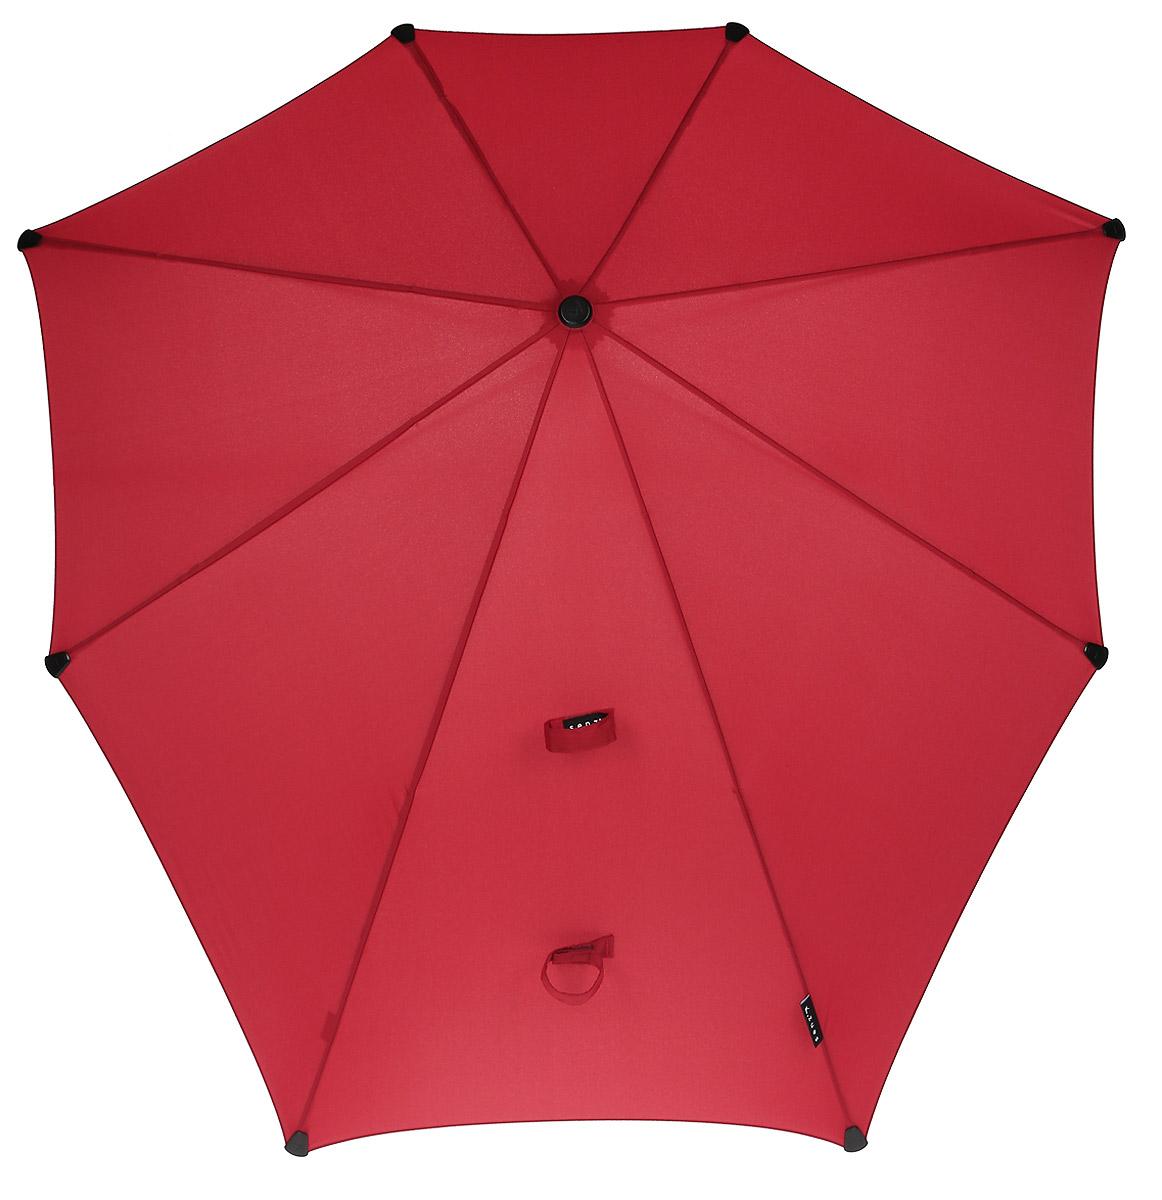 Зонт-трость Senz, цвет: красный. 2011047 senz зонт трость senz° original flying high